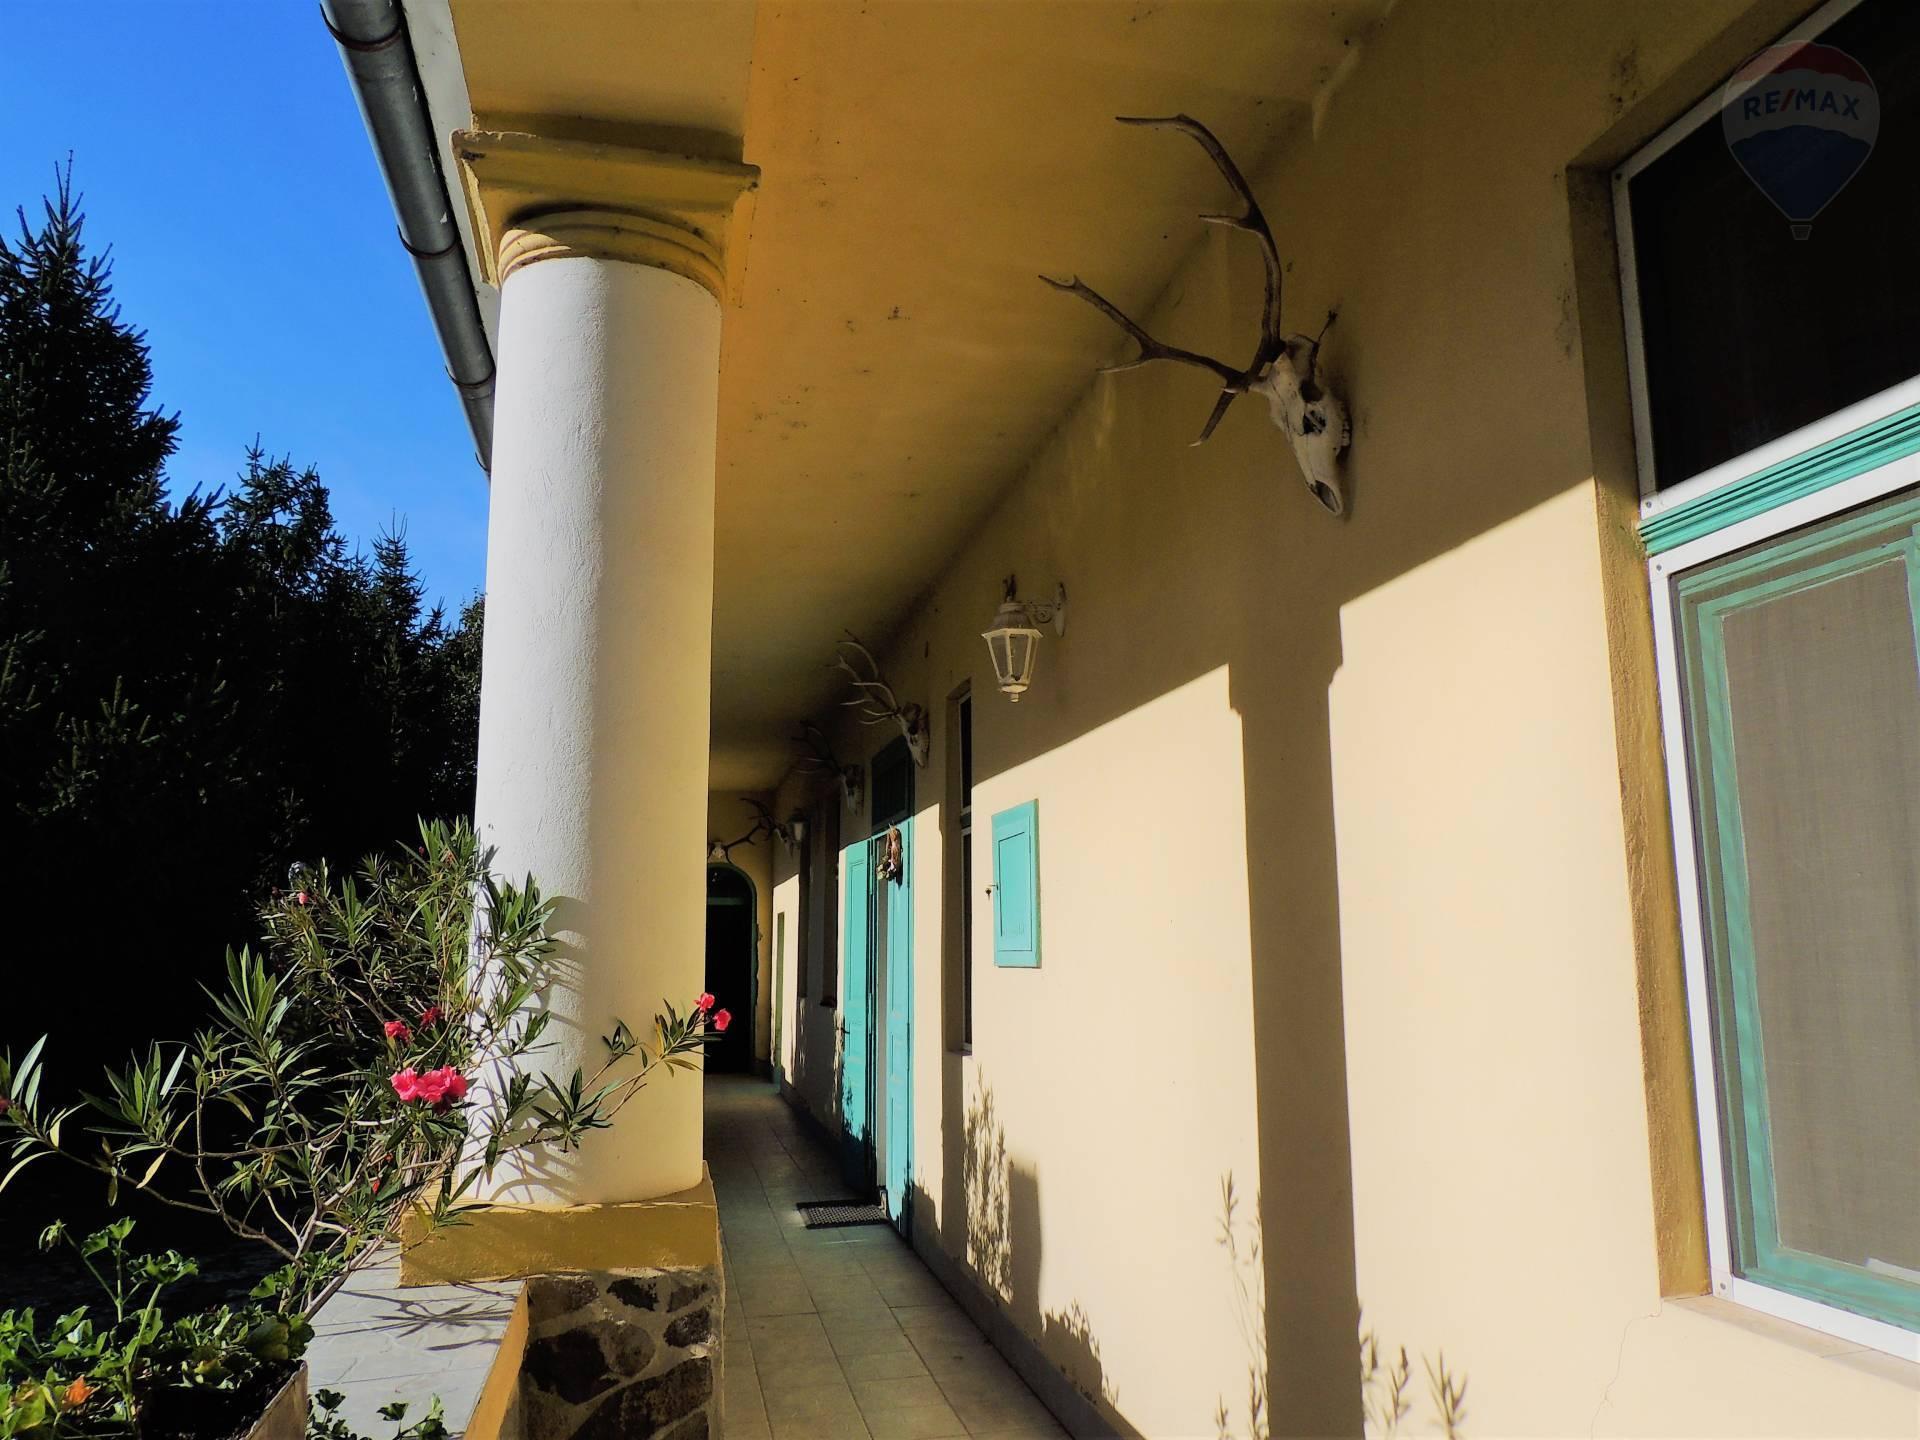 Na predaj: USADLOSŤ, Rodinný dom + poľovnícky dom + vedlajšia budova, POVODA